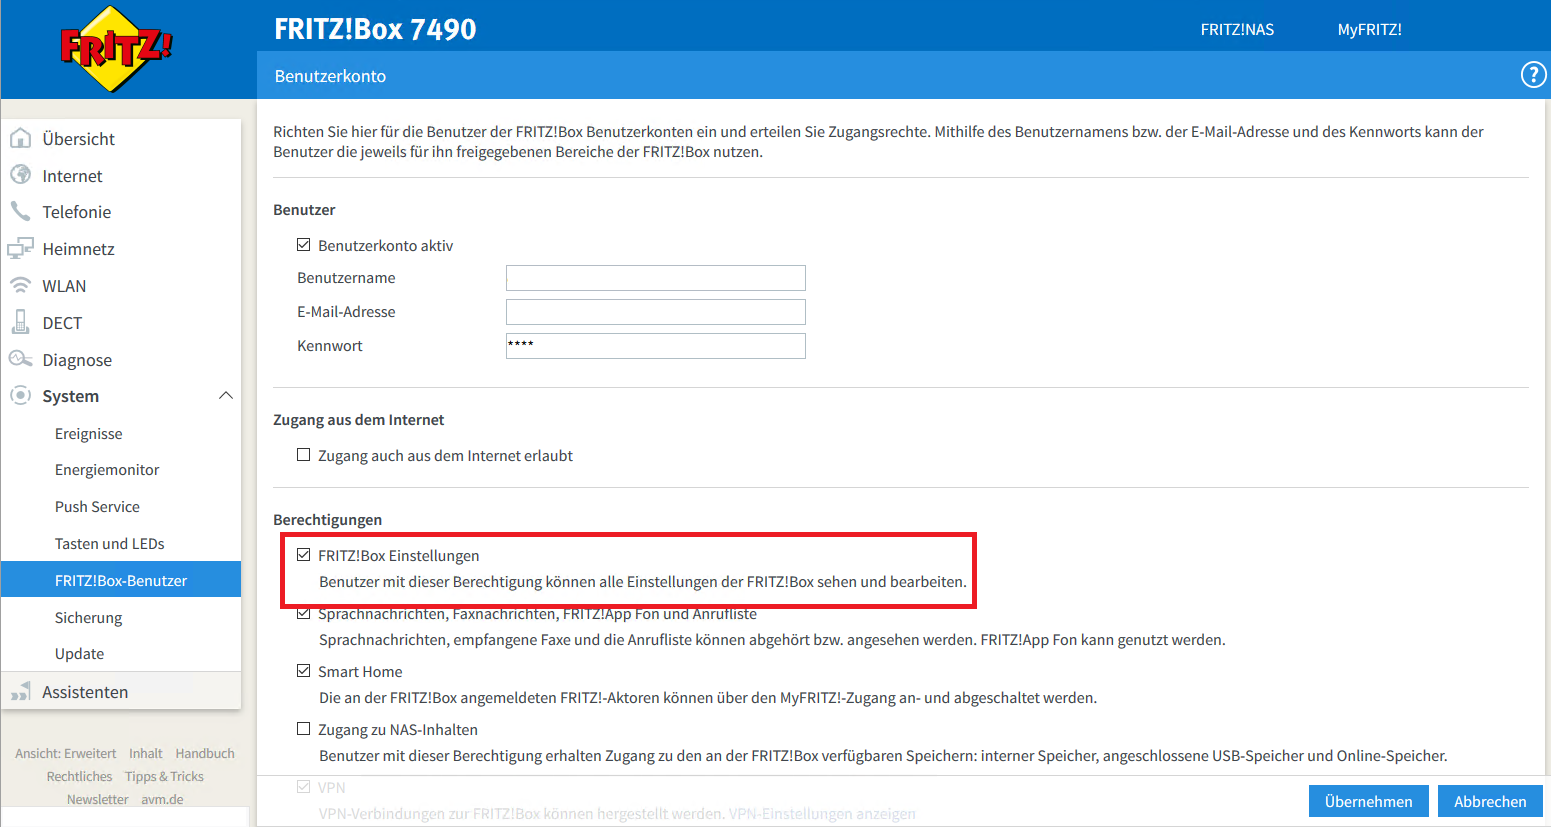 AVM FRITZBox automatisch neu starten lassen – Andy's Blog